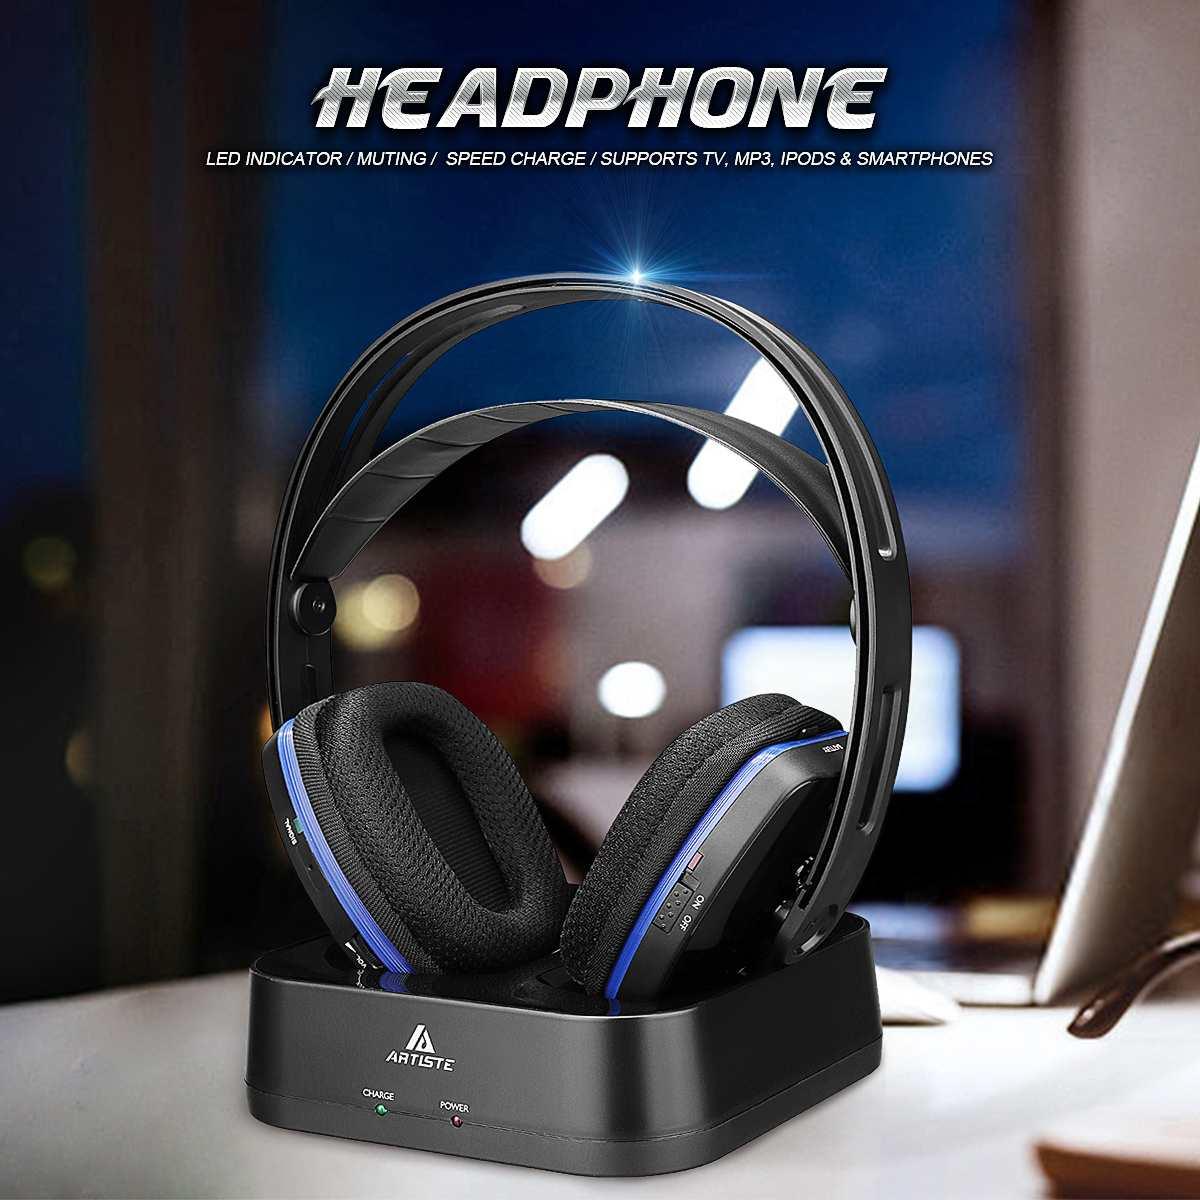 Артист D2 2,4 ГГц Hi-Fi Bluetooth наушники глубокий бас Беспроводной телевизионные наушники с передатчиком док-станция для мобильного телефона музы...